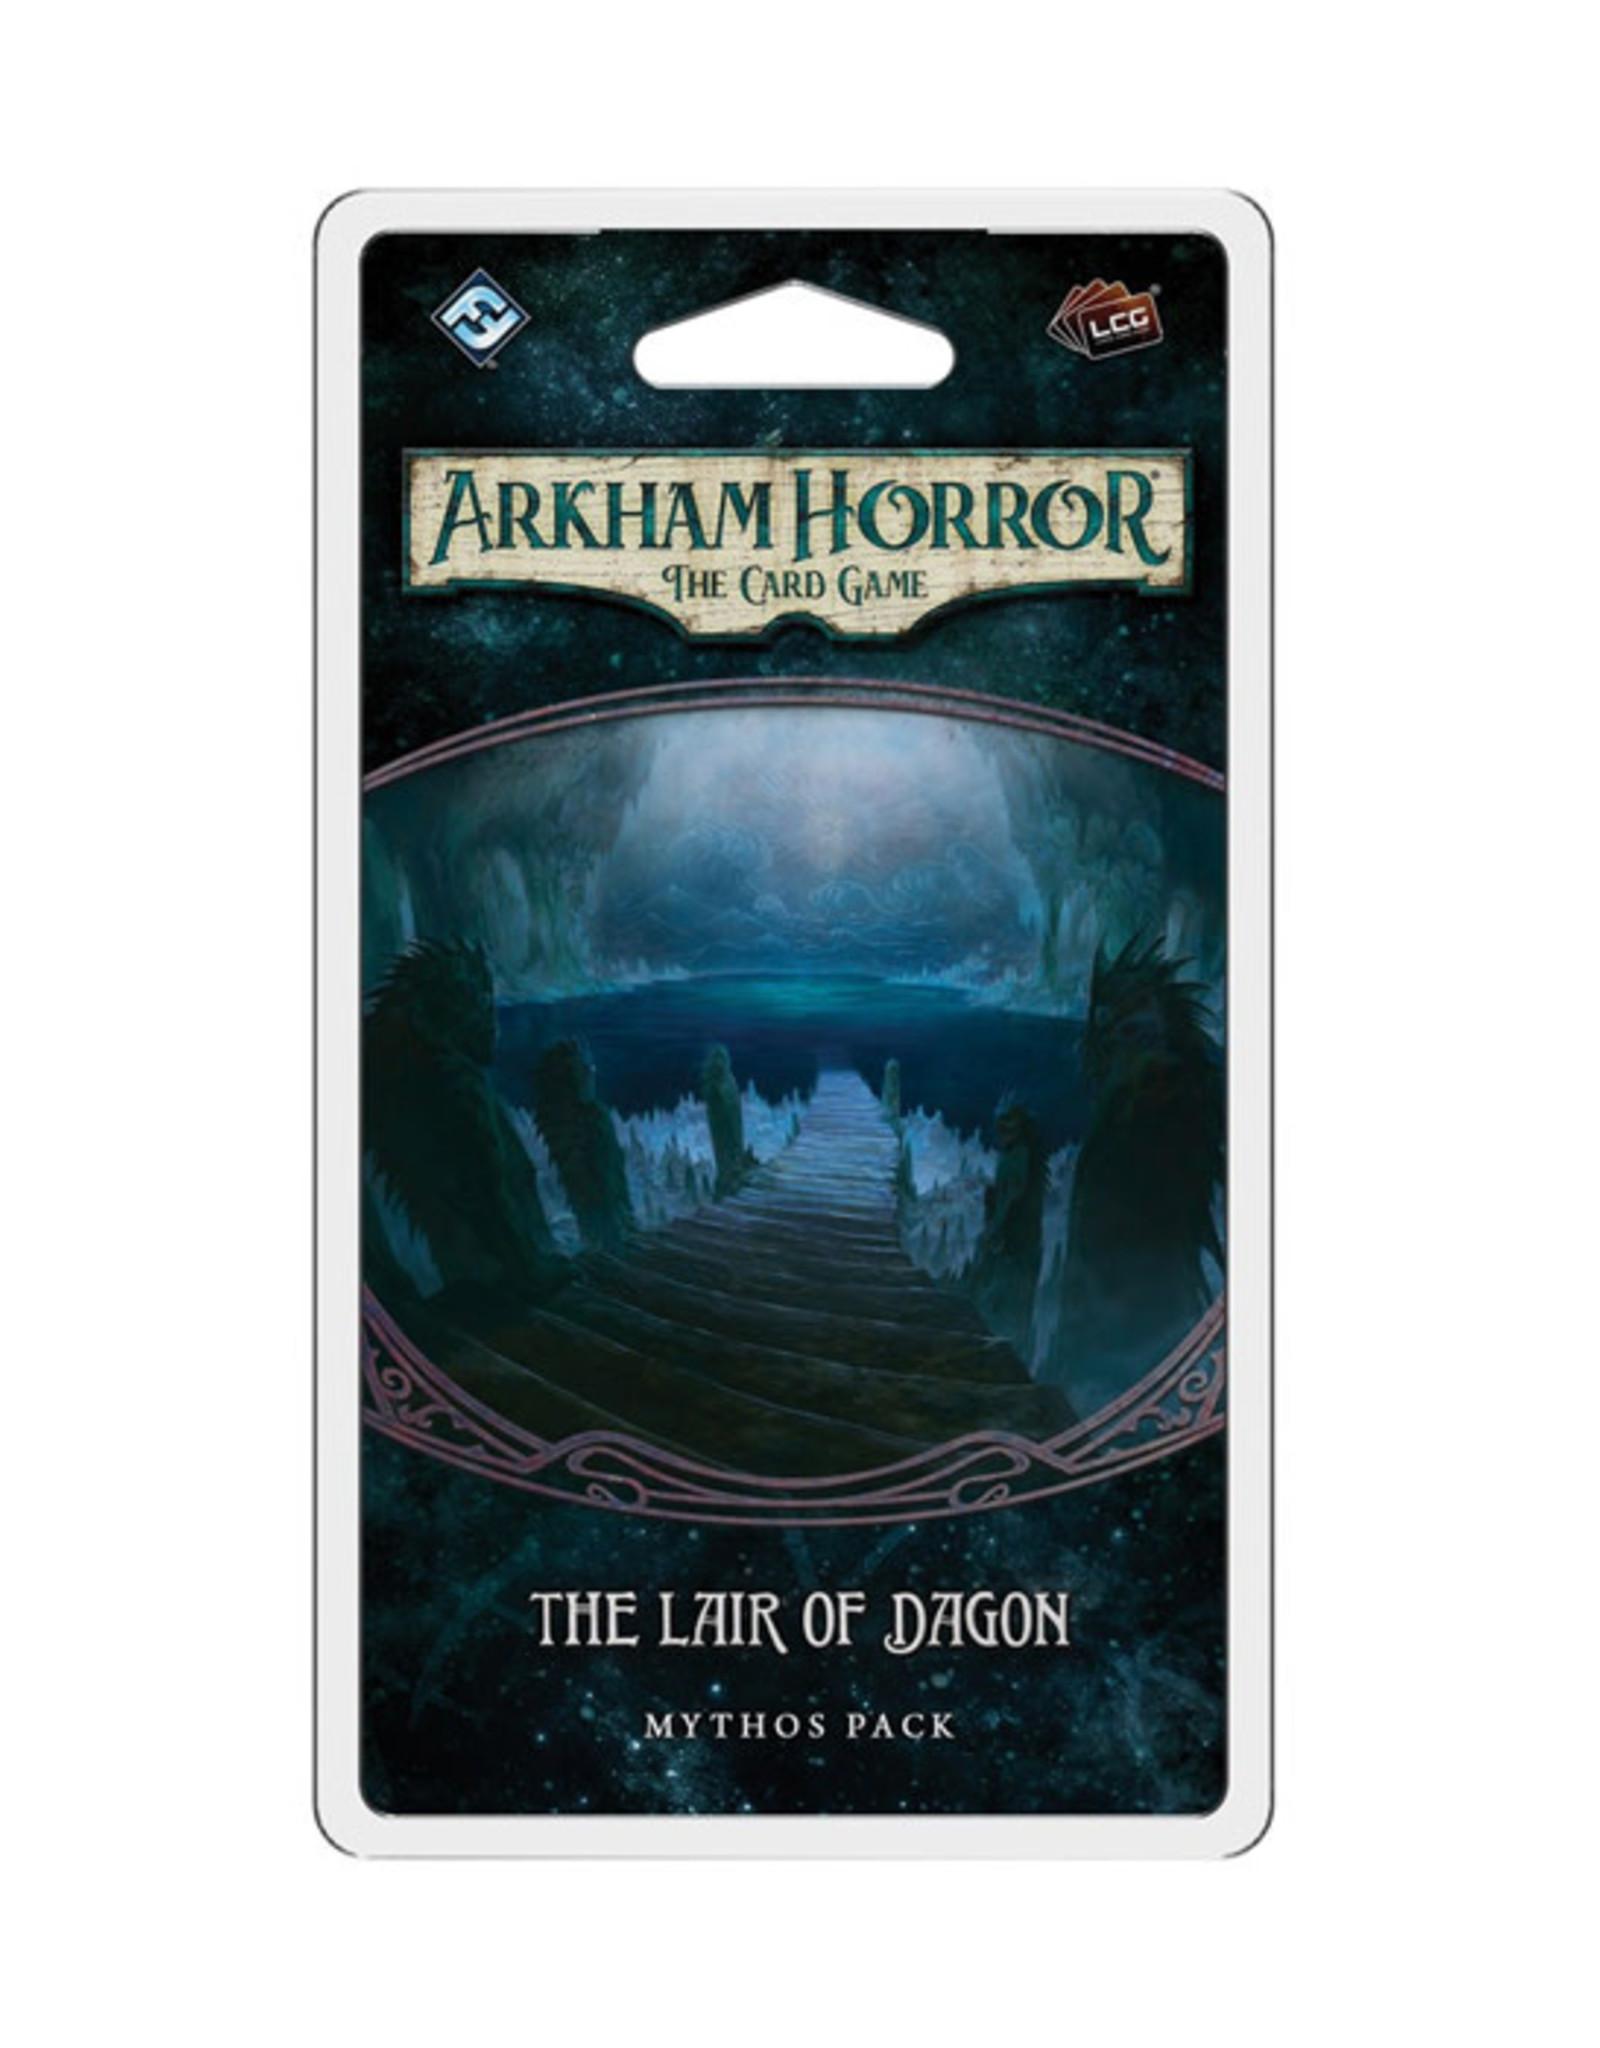 Arkham Horror Arkham Horror: The Card Game - Mythos Pack - The Lair of Dagon